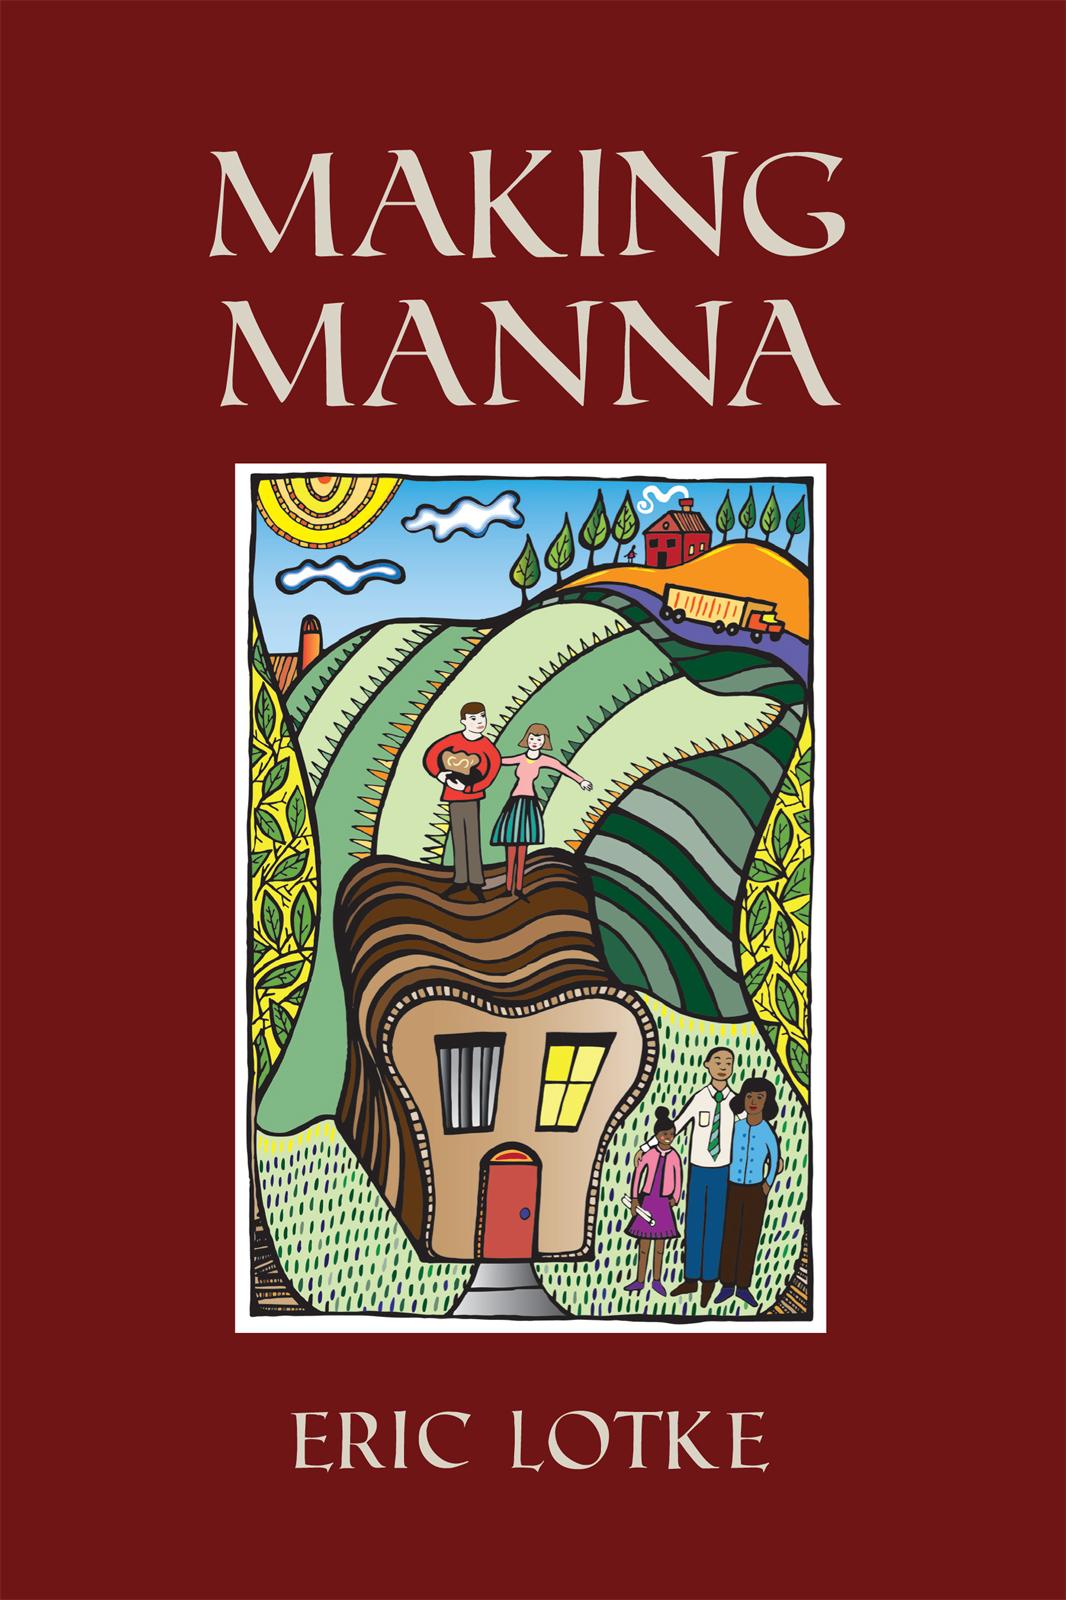 Making Manna by Eric Lotke Blog Tour